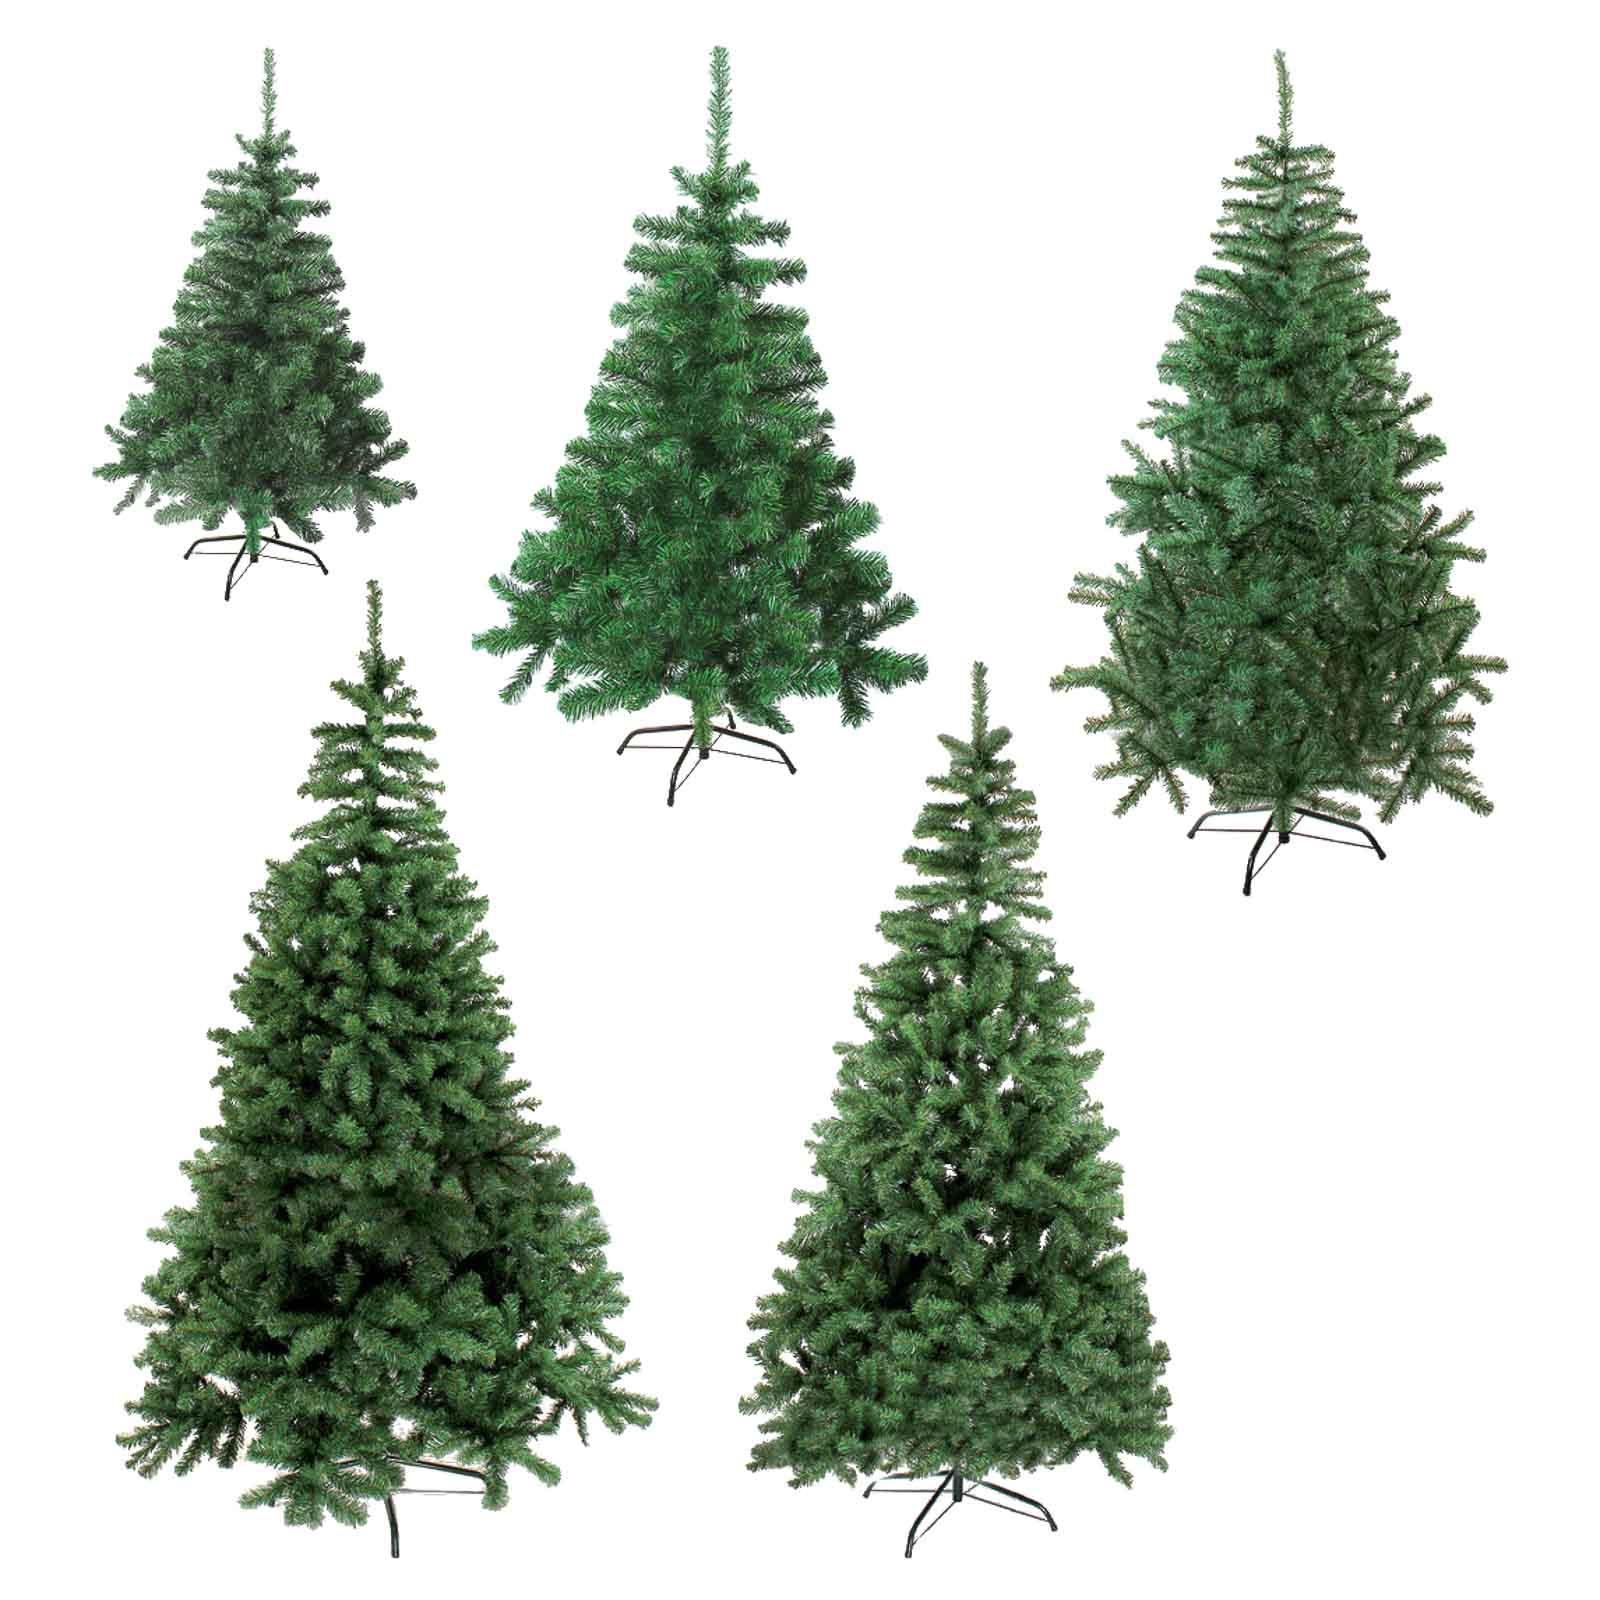 weihnachtsbaum kunstbaum k nstlicher tannenbaum 5 h hen 120 240 cm dichte zweige ebay. Black Bedroom Furniture Sets. Home Design Ideas